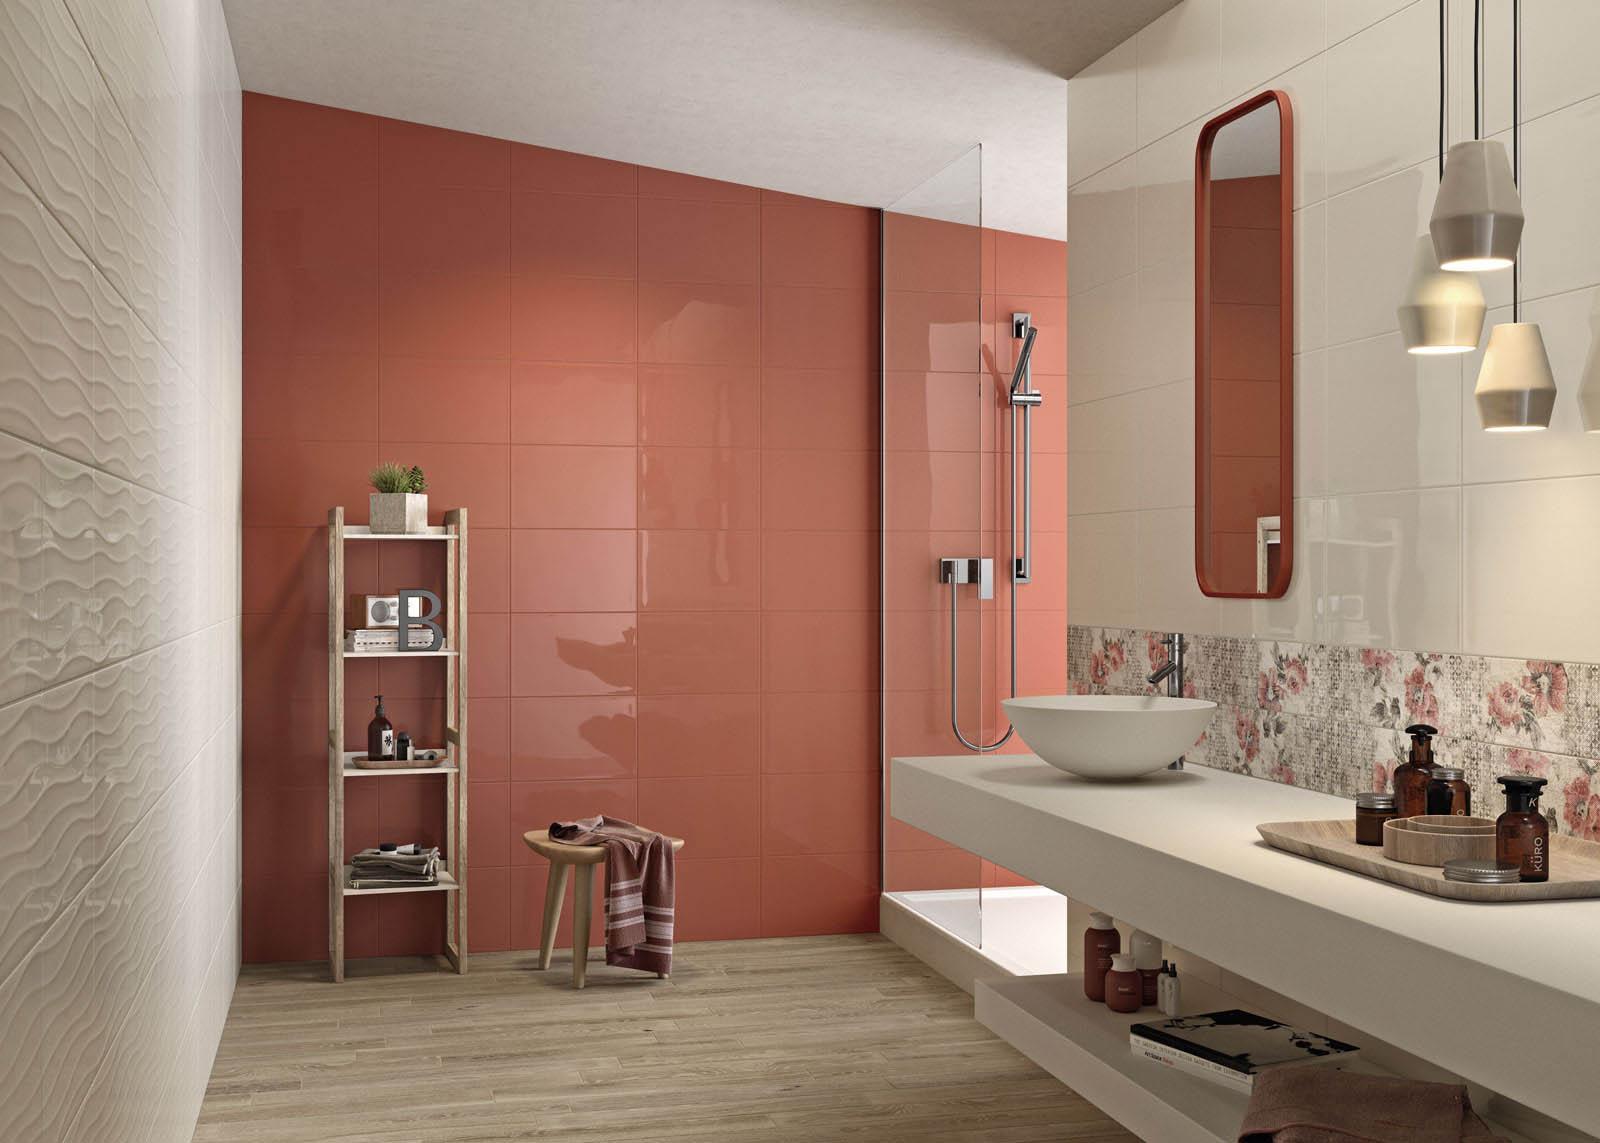 Piastrelle per bagno: colore arancione marazzi